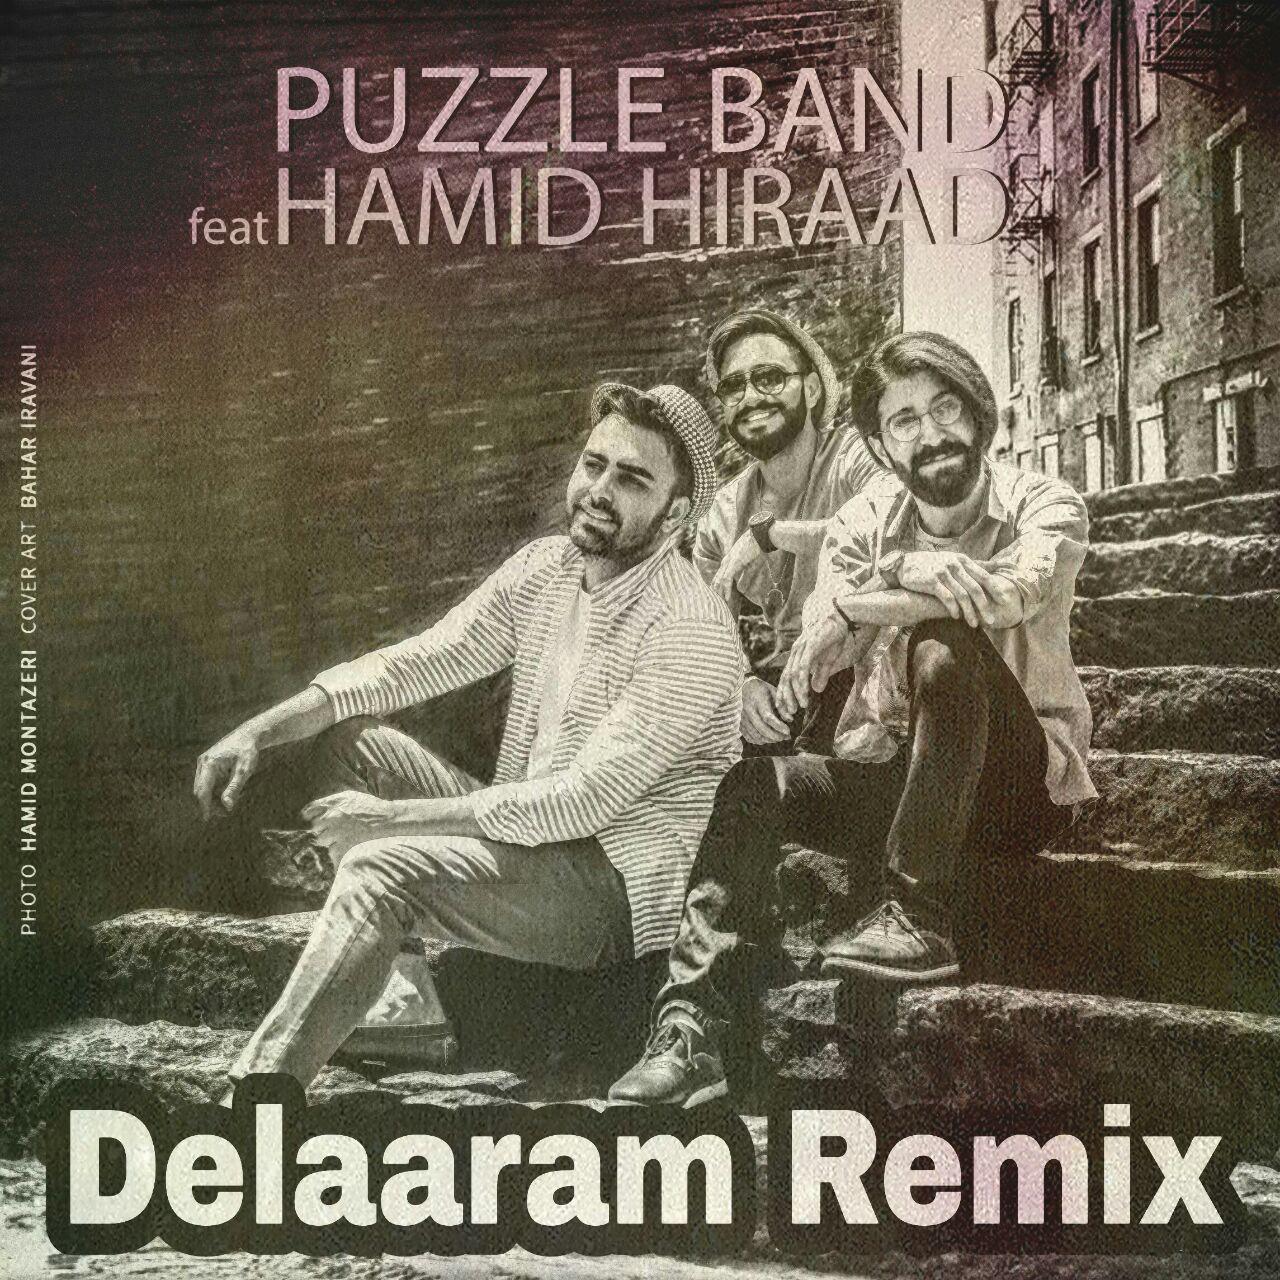 Puzzle Band – Delaaram Remix (Ft Hamid Hiraad)